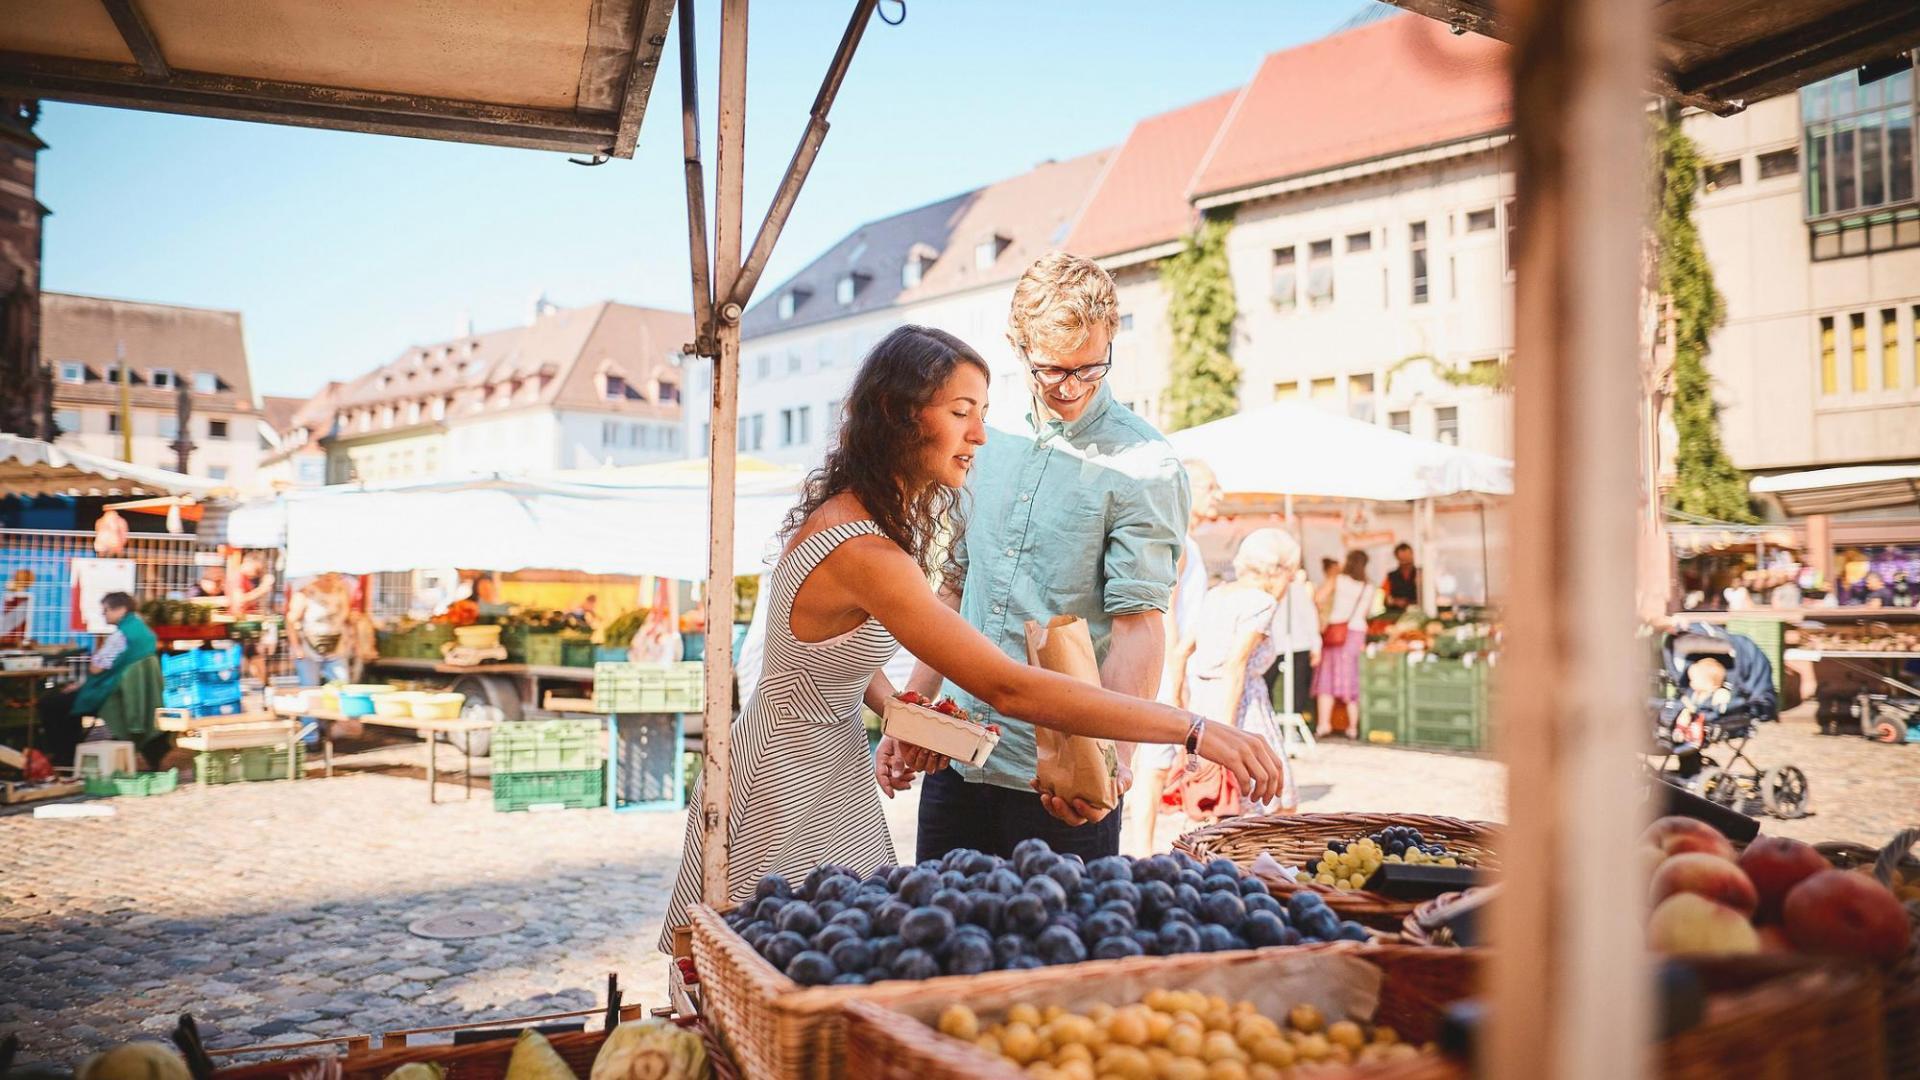 Frau Einkaufen Markt